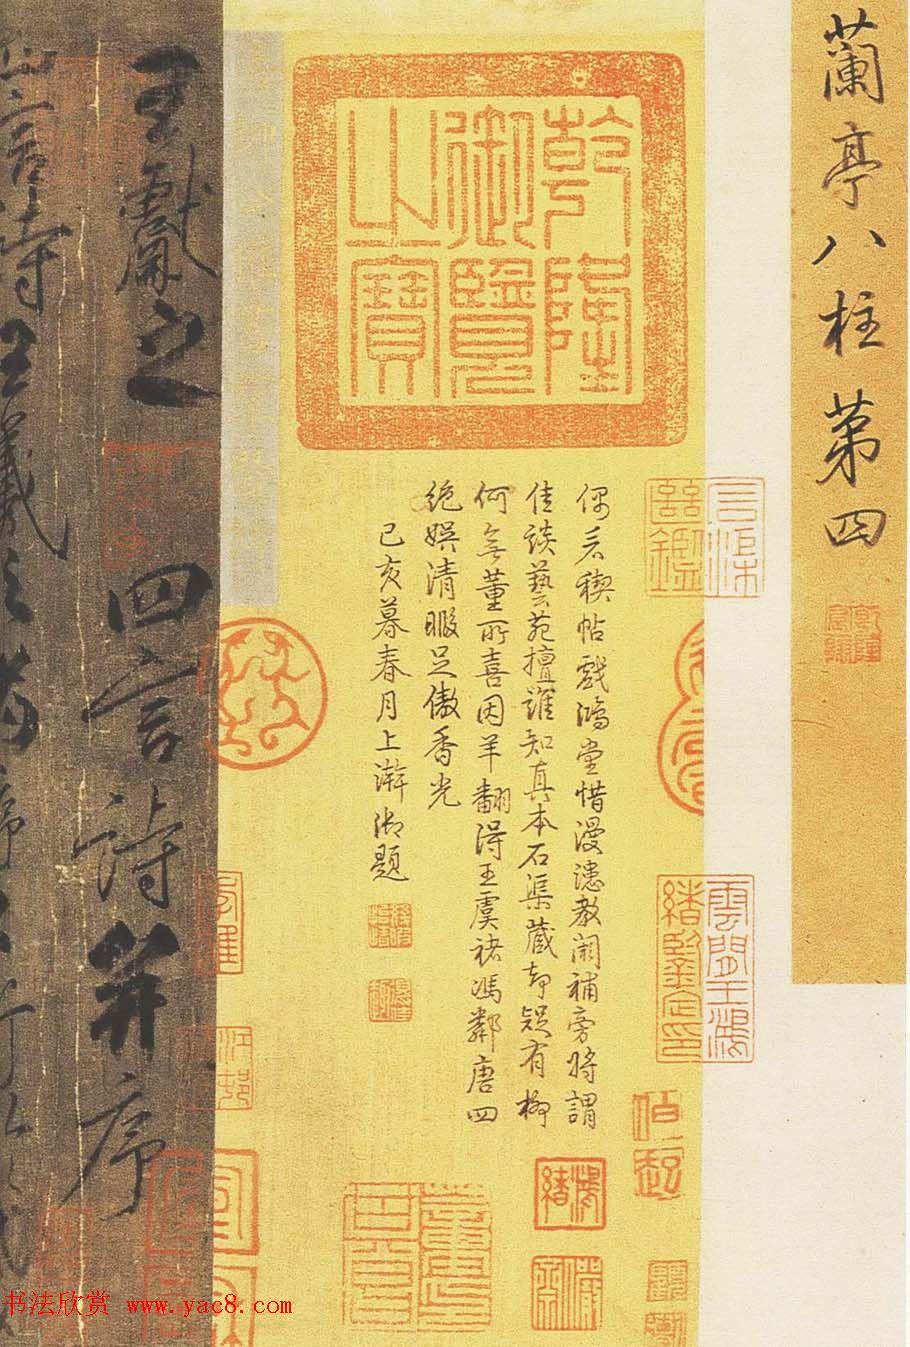 柳公权书法长卷《兰亭诗》全图